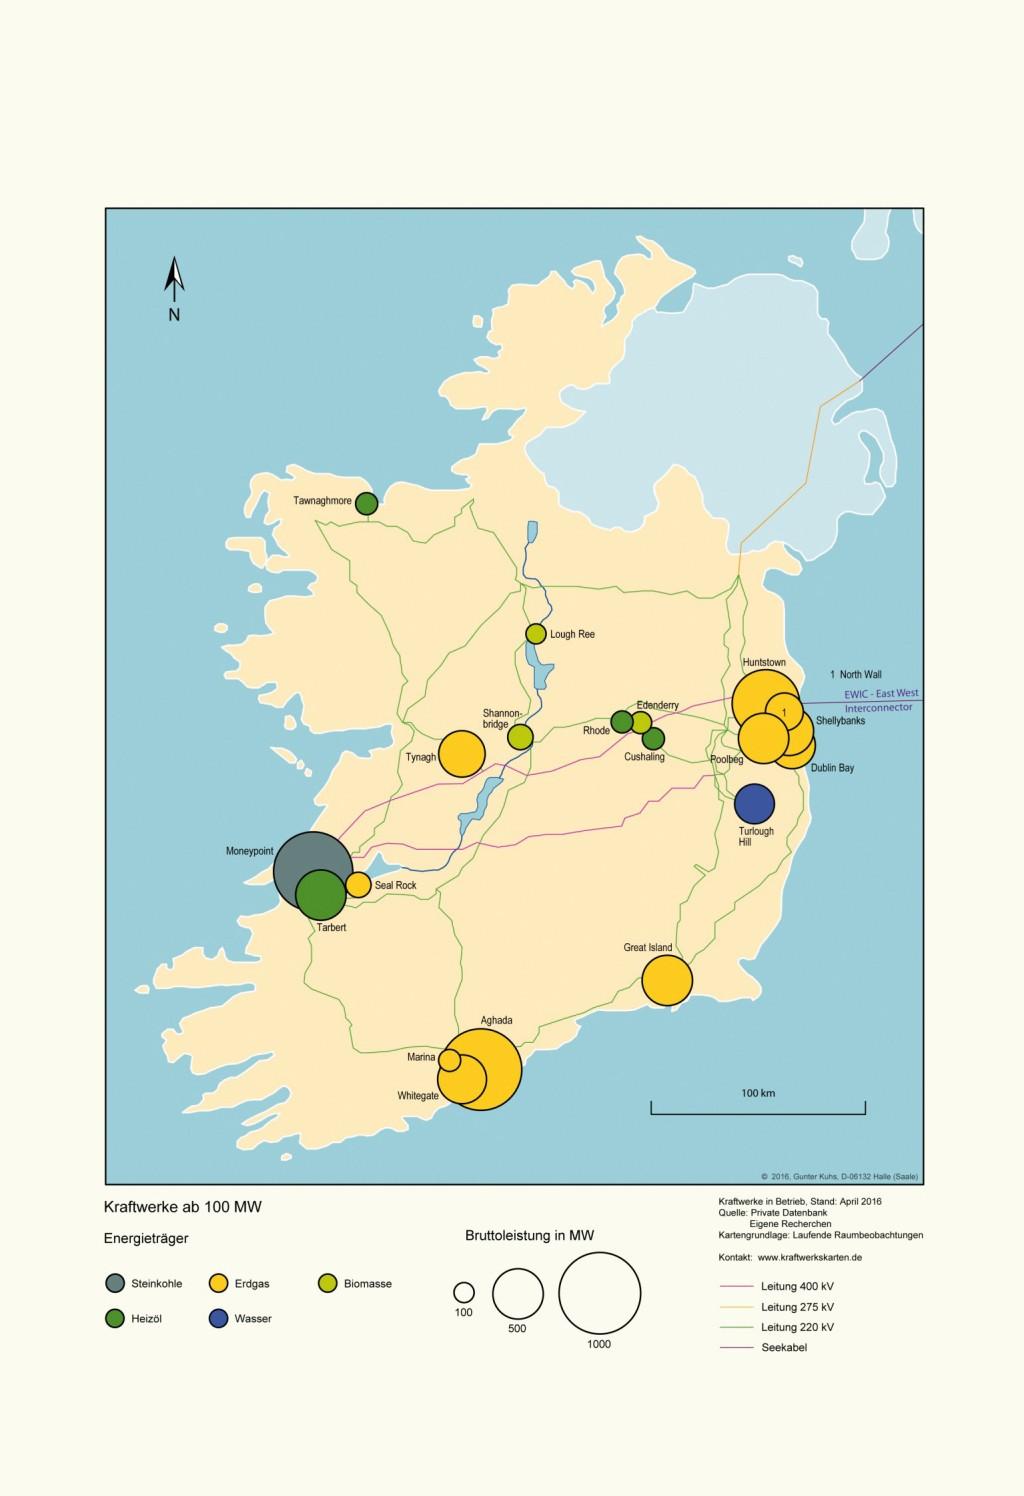 Kraftwerke und Verbundnetz in Irland. Bild: eigene Darstellung